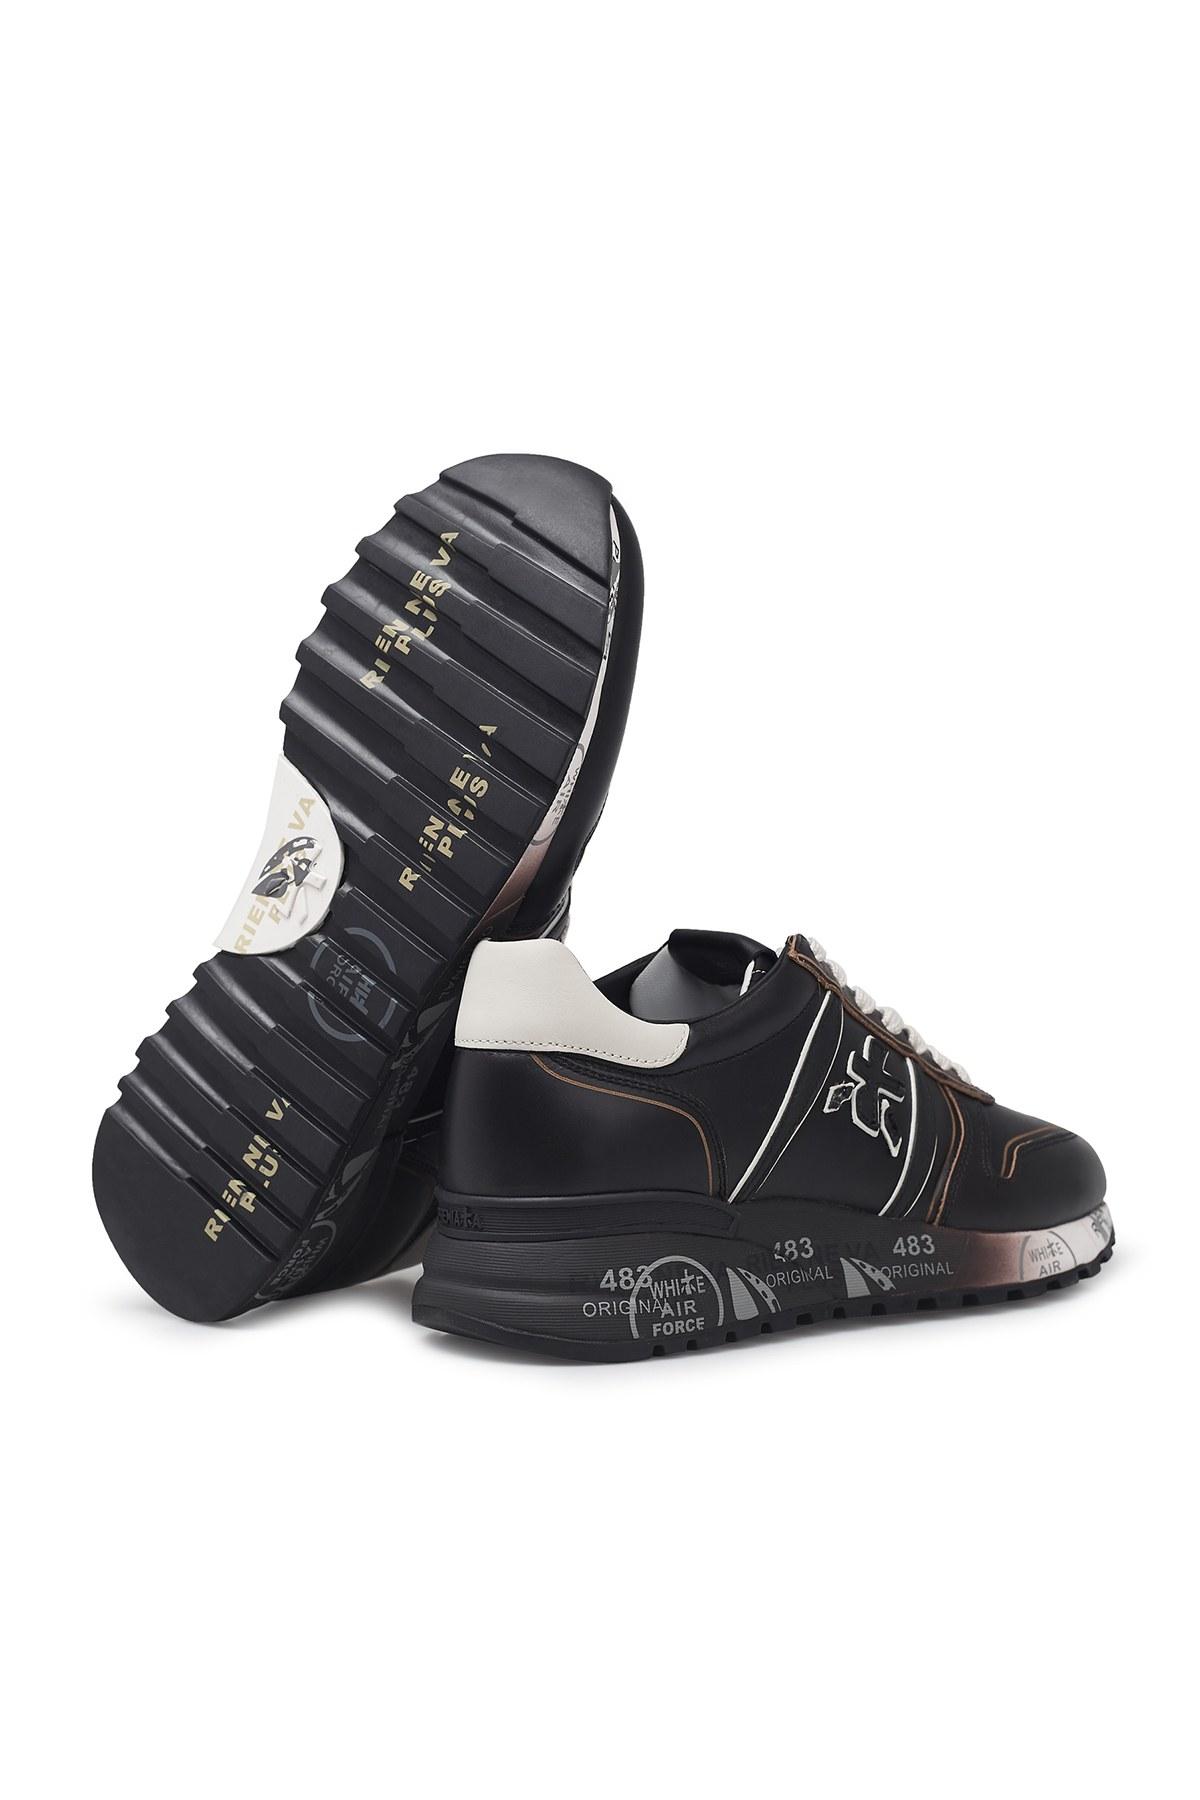 Premiata Baskılı Kalın Taban Deri Erkek Ayakkabı LANDER 4946 SİYAH